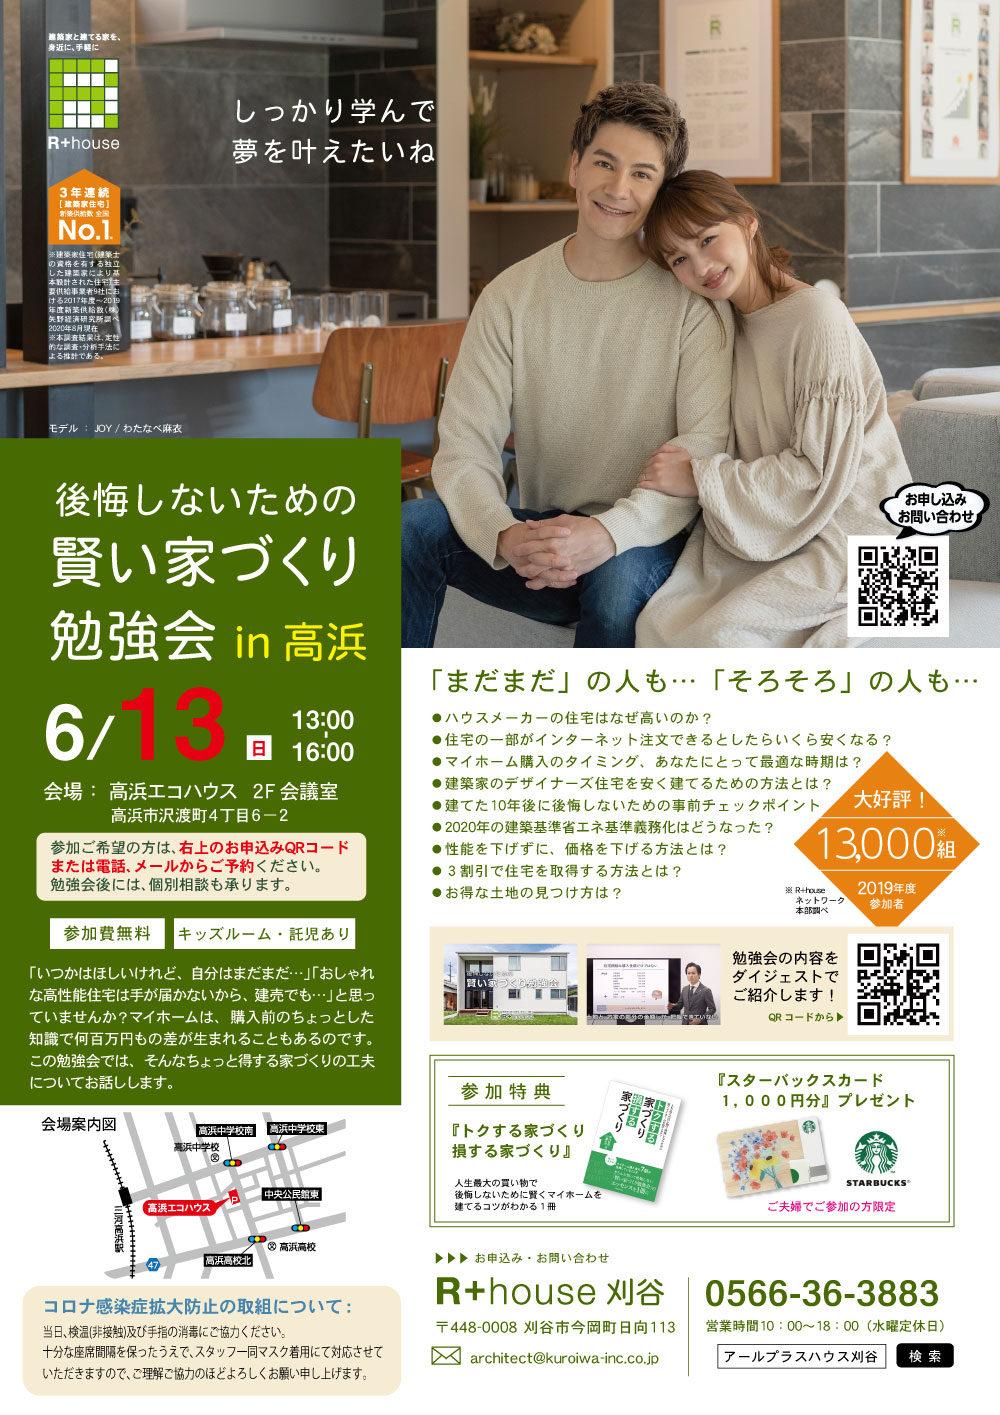 【6/13(日) 13:00~16:00】「賢い家づくり勉強会」@高浜